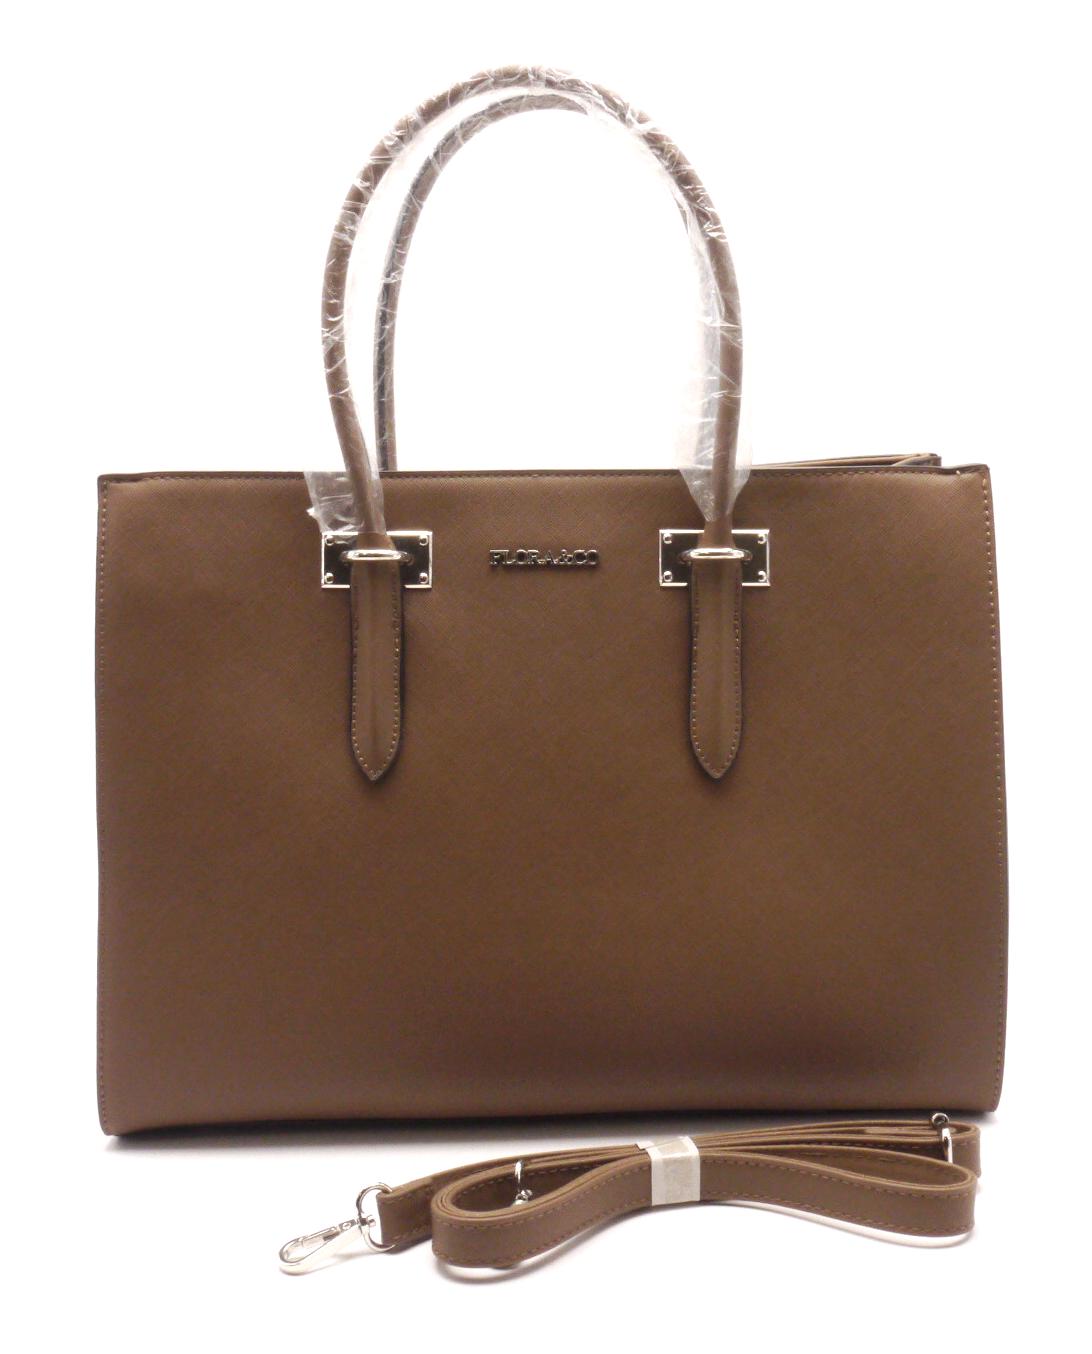 FLORA&CO Elegantní dámská kabelka 13-06 BROWN